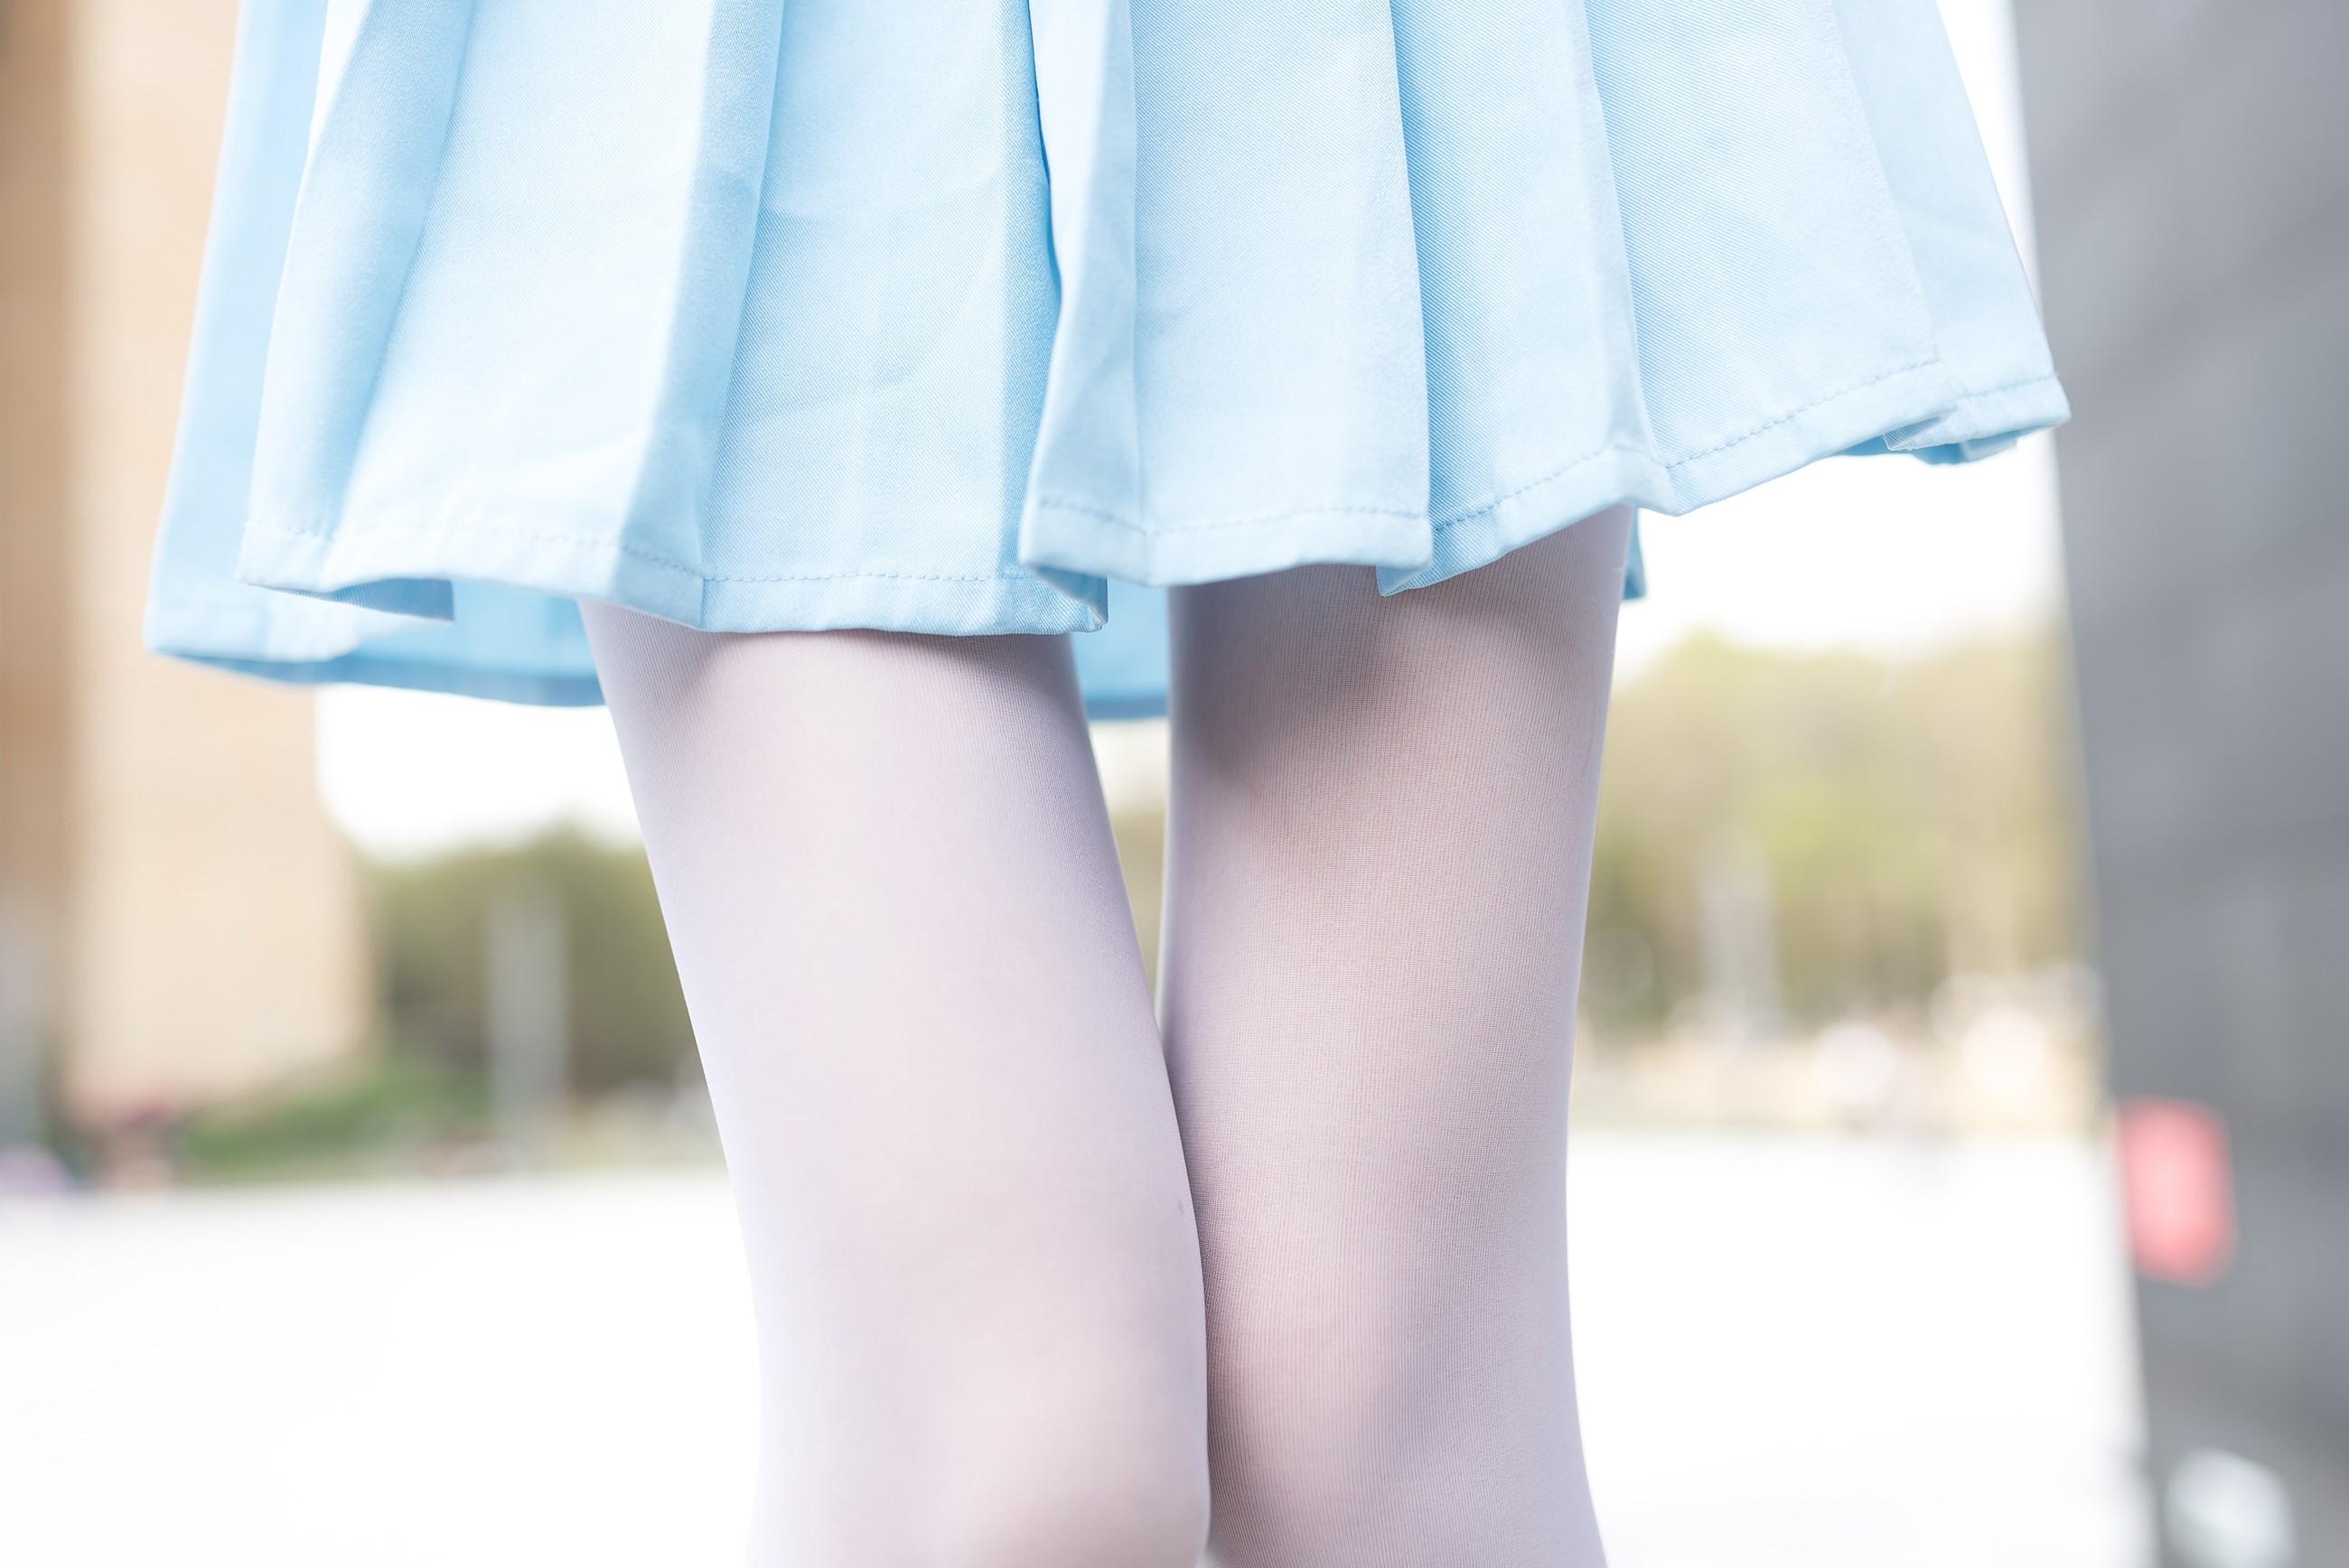 【兔玩映画】惊人的小细腿 兔玩映画 第23张